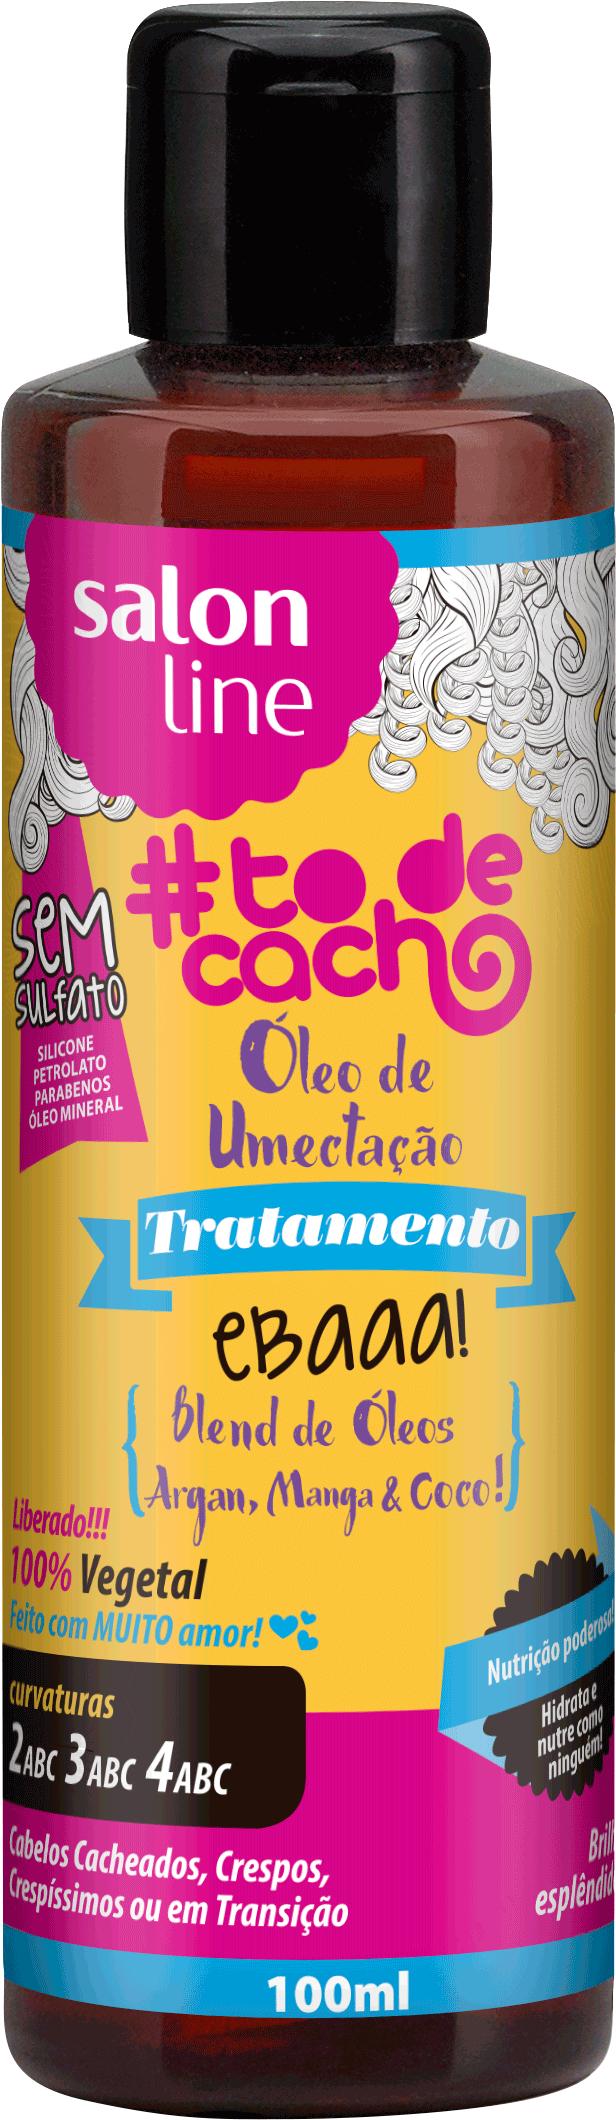 f9696f60d ÓLEO DE UMECTAÇÃO! EBAAA! BLEND DE ÓLEOS DE ARGAN, COCO E MANGA! - Tô de  Cacho